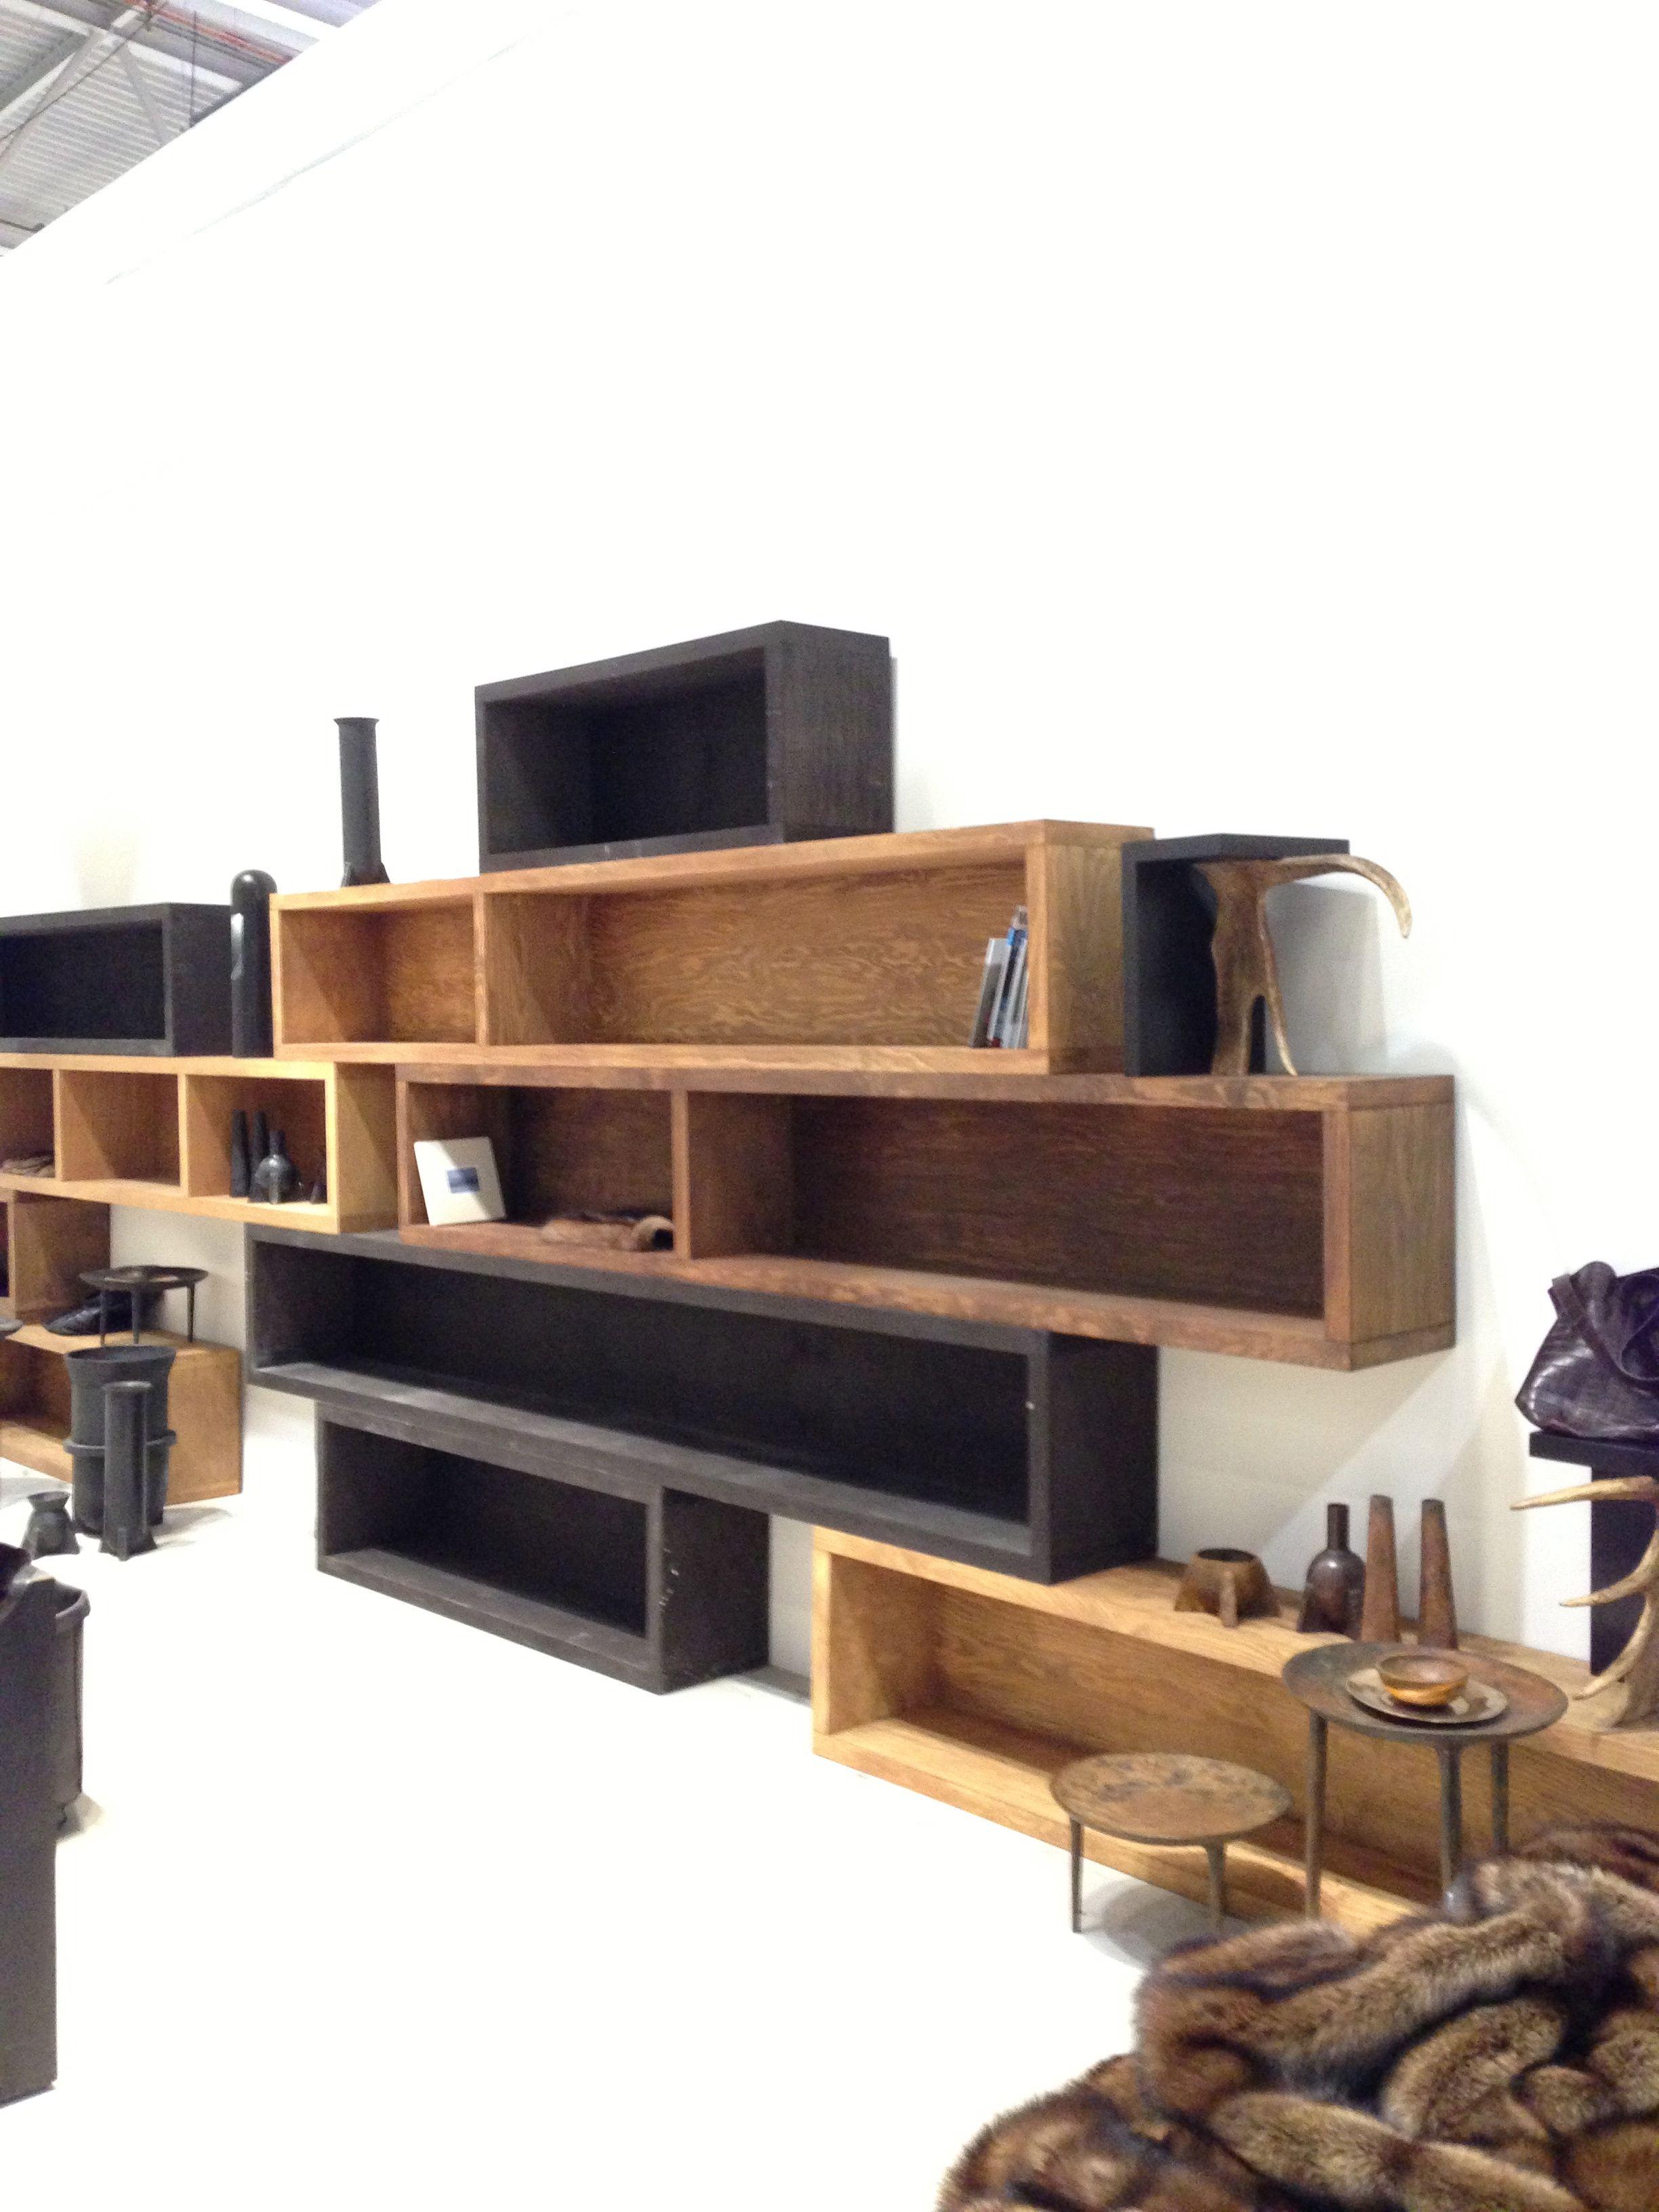 maison objet rick owens home pinterest regal. Black Bedroom Furniture Sets. Home Design Ideas